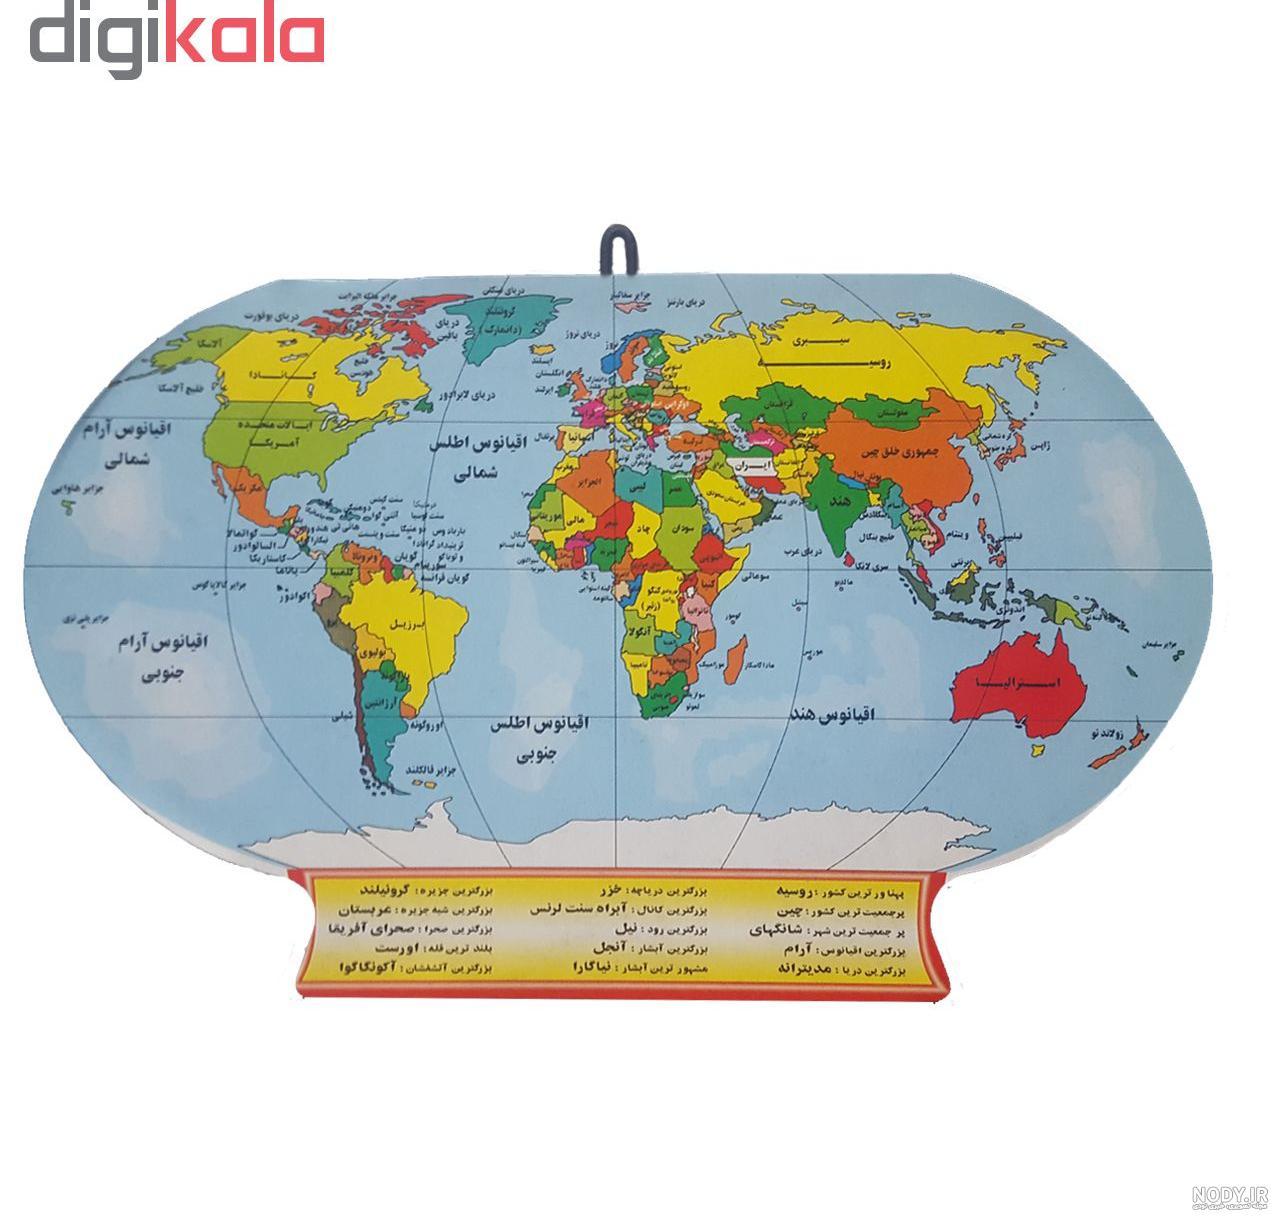 عکس نقشه کره زمین فارسی